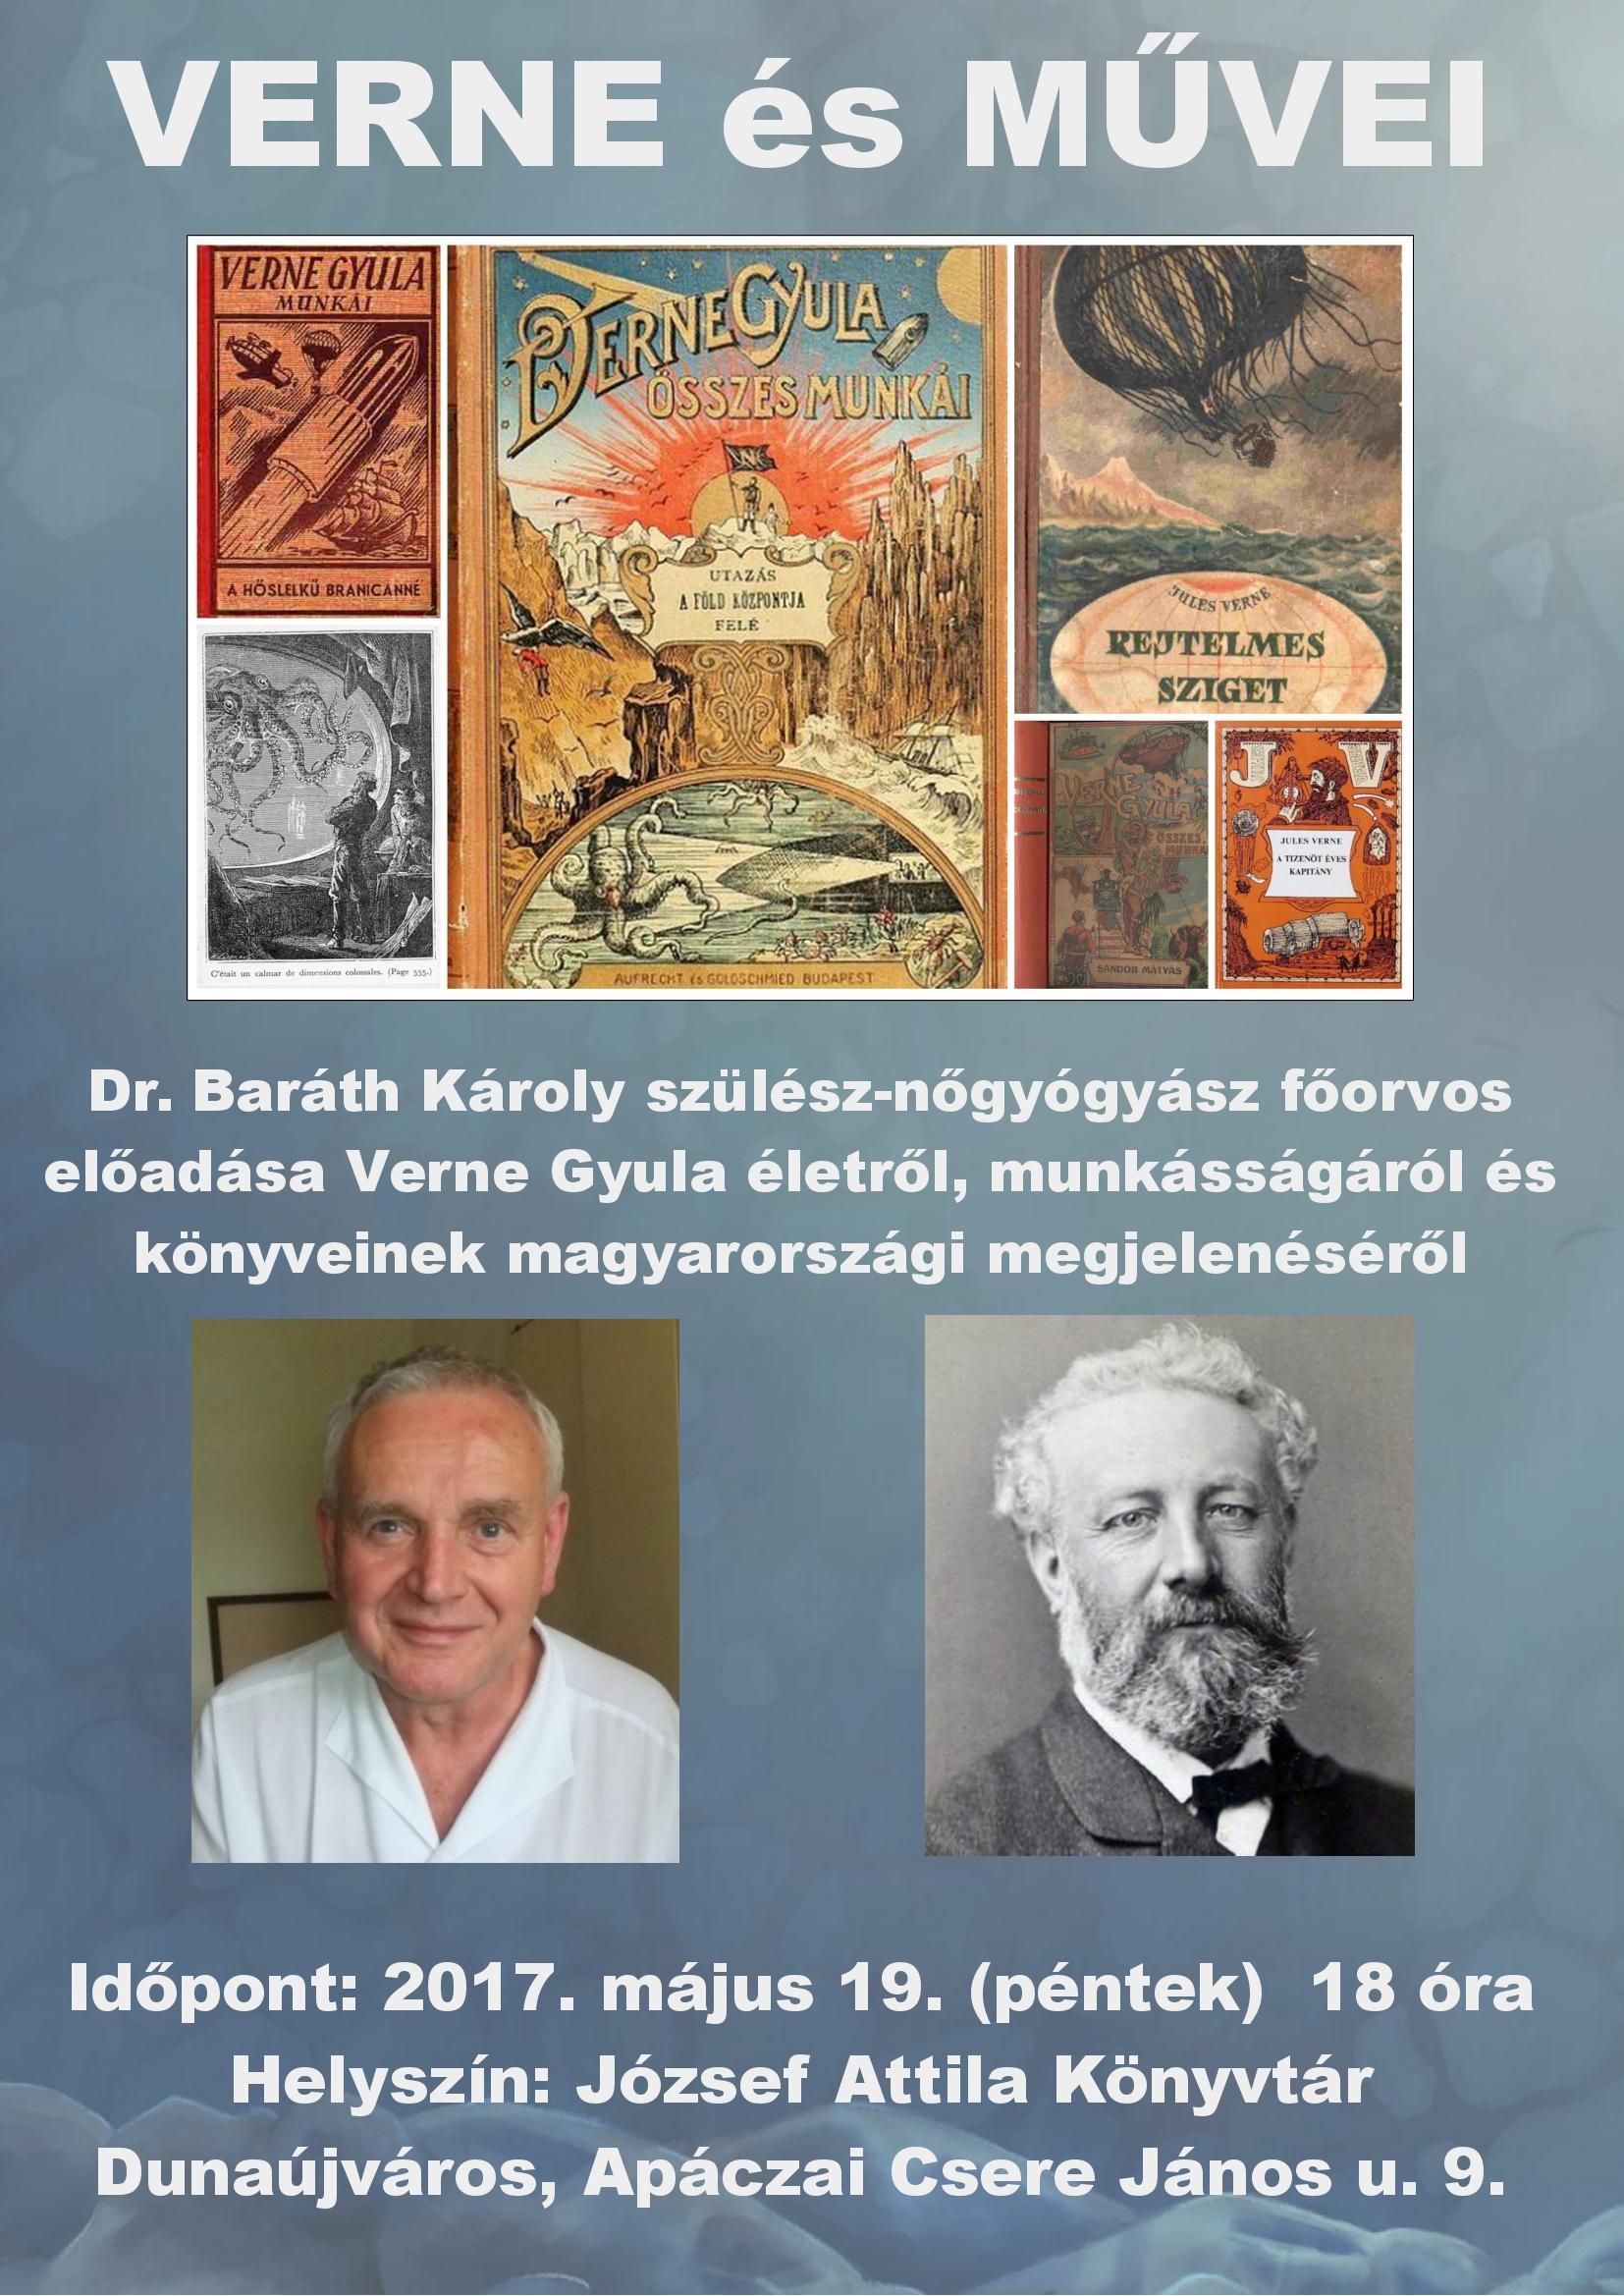 VERNE és MŰVEI - Dr. Baráth Károly főorvos előadása